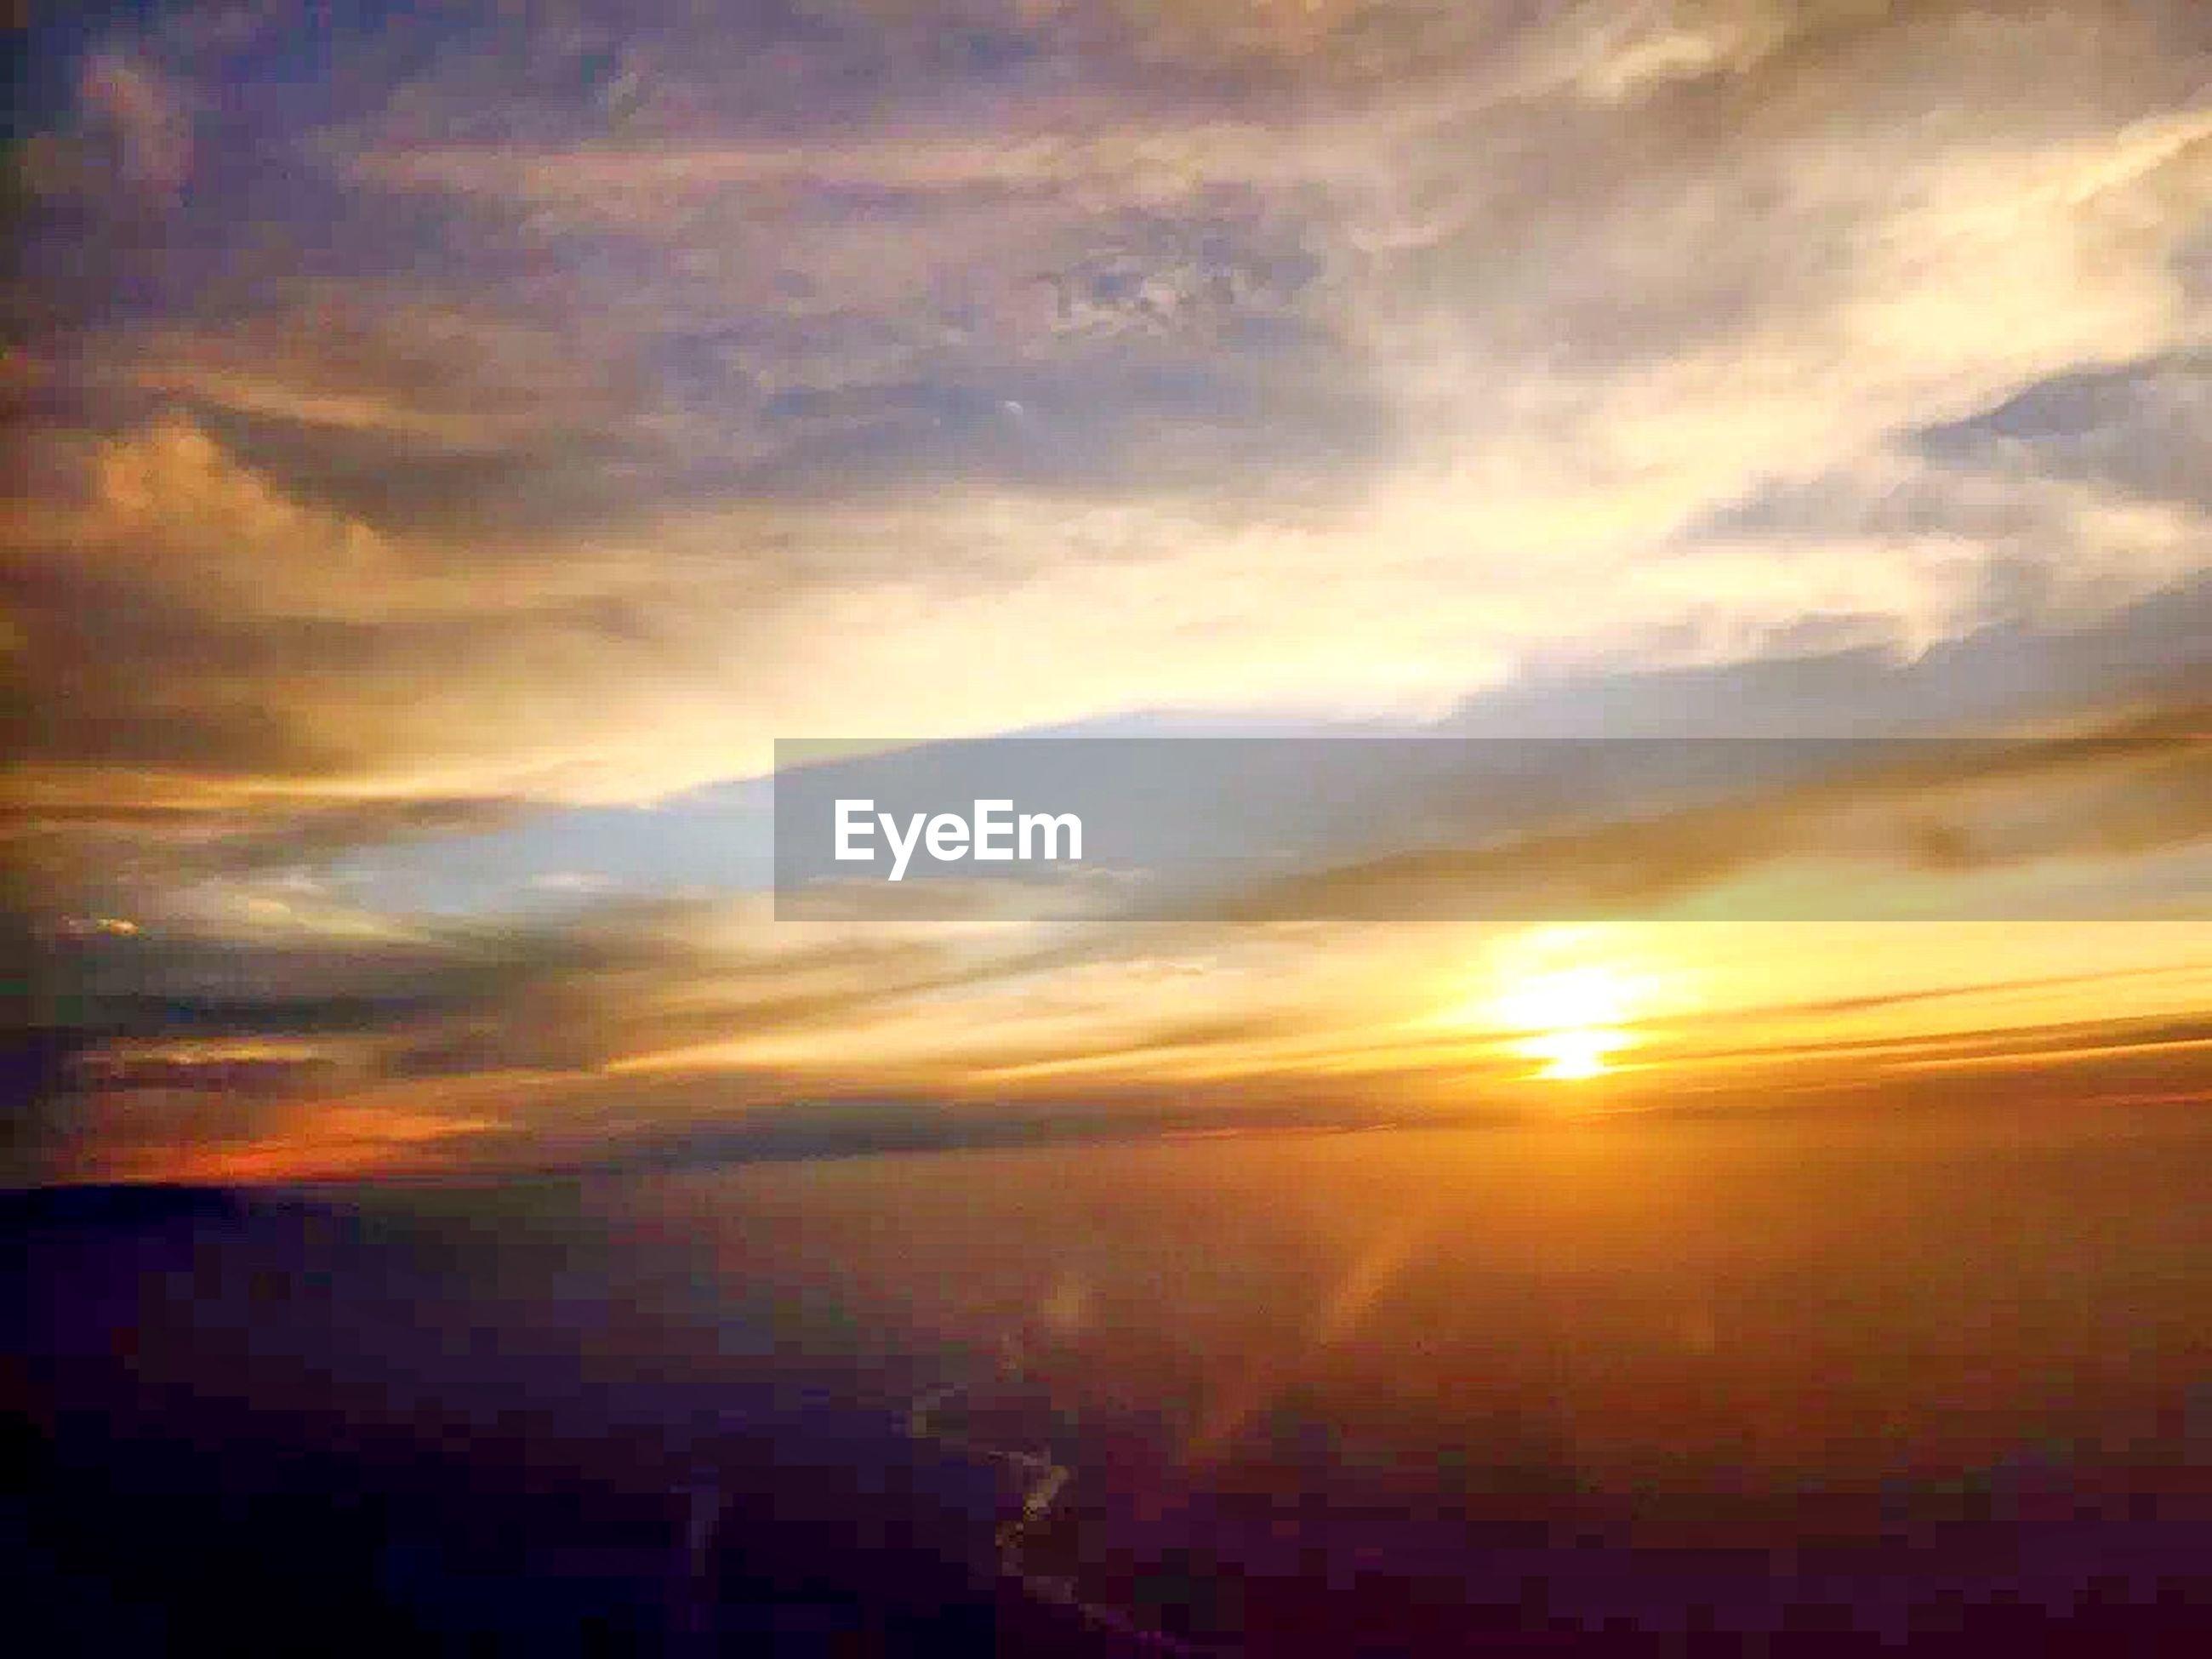 sunset, sky, orange color, cloud - sky, scenics, sun, beauty in nature, tranquil scene, tranquility, idyllic, nature, dramatic sky, cloudy, cloud, sunlight, silhouette, landscape, sunbeam, building exterior, weather